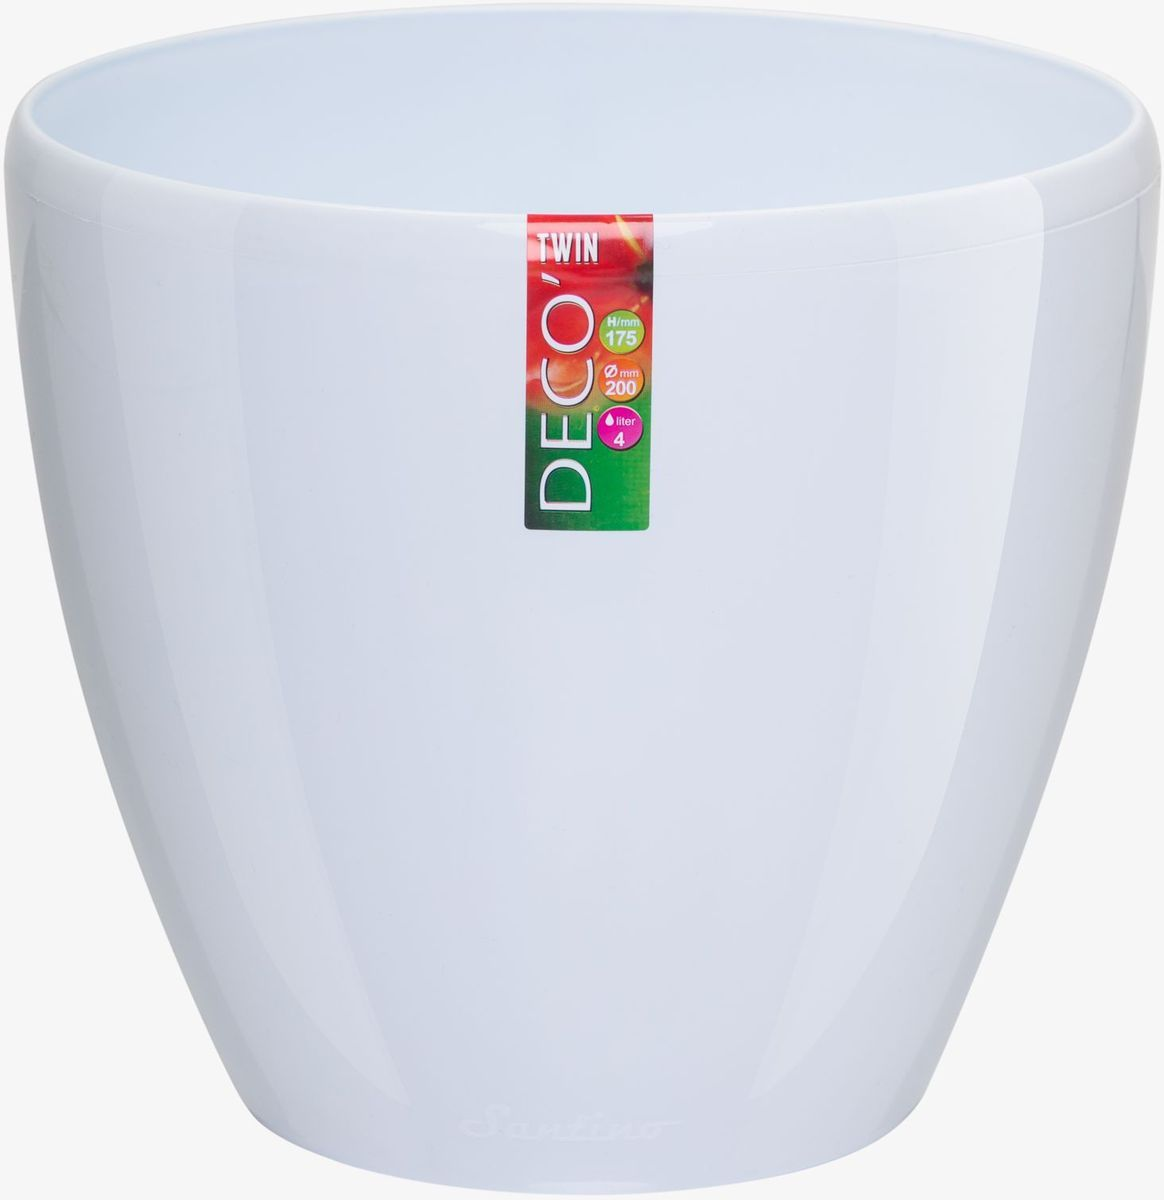 Горшок цветочный Santino Deco Twin, двойной, с системой автополива, цвет: прозрачный, 4 лДЕК 4 ПРГоршок цветочный Santino Deco Twin снабжен дренажной системой и состоит из кашпо и вазона-вкладыша. Изготовлен из пластика. Особенность: тарелочка или блюдце не нужны. Горшок предназначен для любых растений или цветов. Цветочный дренаж – это система, которая позволяет выводить лишнюю влагу через корневую систему цветка и слой почвы. Растение – это живой организм, следовательно, ему необходимо дышать. В доступе к кислороду нуждаются все части растения: -листья; -корневая система. Если цветовод по какой-либо причине зальет цветок водой, то она буквально вытеснит из почвенного слоя все пузырьки кислорода. Анаэробная среда способствует развитию различного рода бактерий. Безвоздушная среда приводит к загниванию корневой системы, цветок в результате увядает. Суть работы дренажной системы заключается в том, чтобы осуществлять отвод лишней влаги от растения и давать возможность корневой системе дышать без проблем. Следовательно, каждому цветку необходимо: -иметь в основании цветочного горшочка хотя бы одно небольшое дренажное отверстие. Оно необходимо для того, чтобы через него выходила лишняя вода, плюс ко всему это отверстие дает возможность циркулировать воздух. -на самом дне горшка необходимо выложить слоем в 2-5 см (зависит от вида растения) дренаж.УВАЖАЕМЫЕ КЛИЕНТЫ!Обращаем ваше внимание на тот факт, что фото изделия служит для визуального восприятия товара. Литраж и размеры, представленные на этикетке товара, могут по факту отличаться от реальных. Корректные данные в поле Размеры.